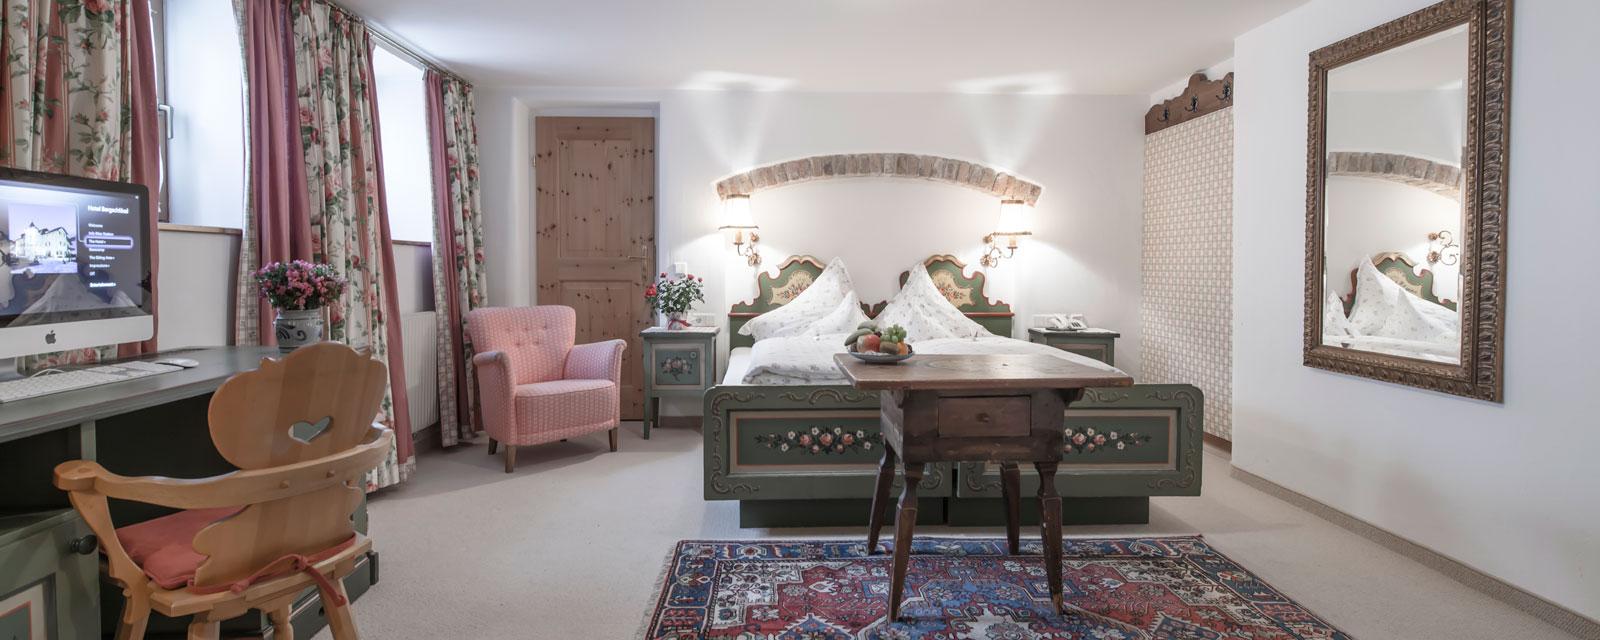 Großzügiges und gut beleuchtetes Doppelzimmer